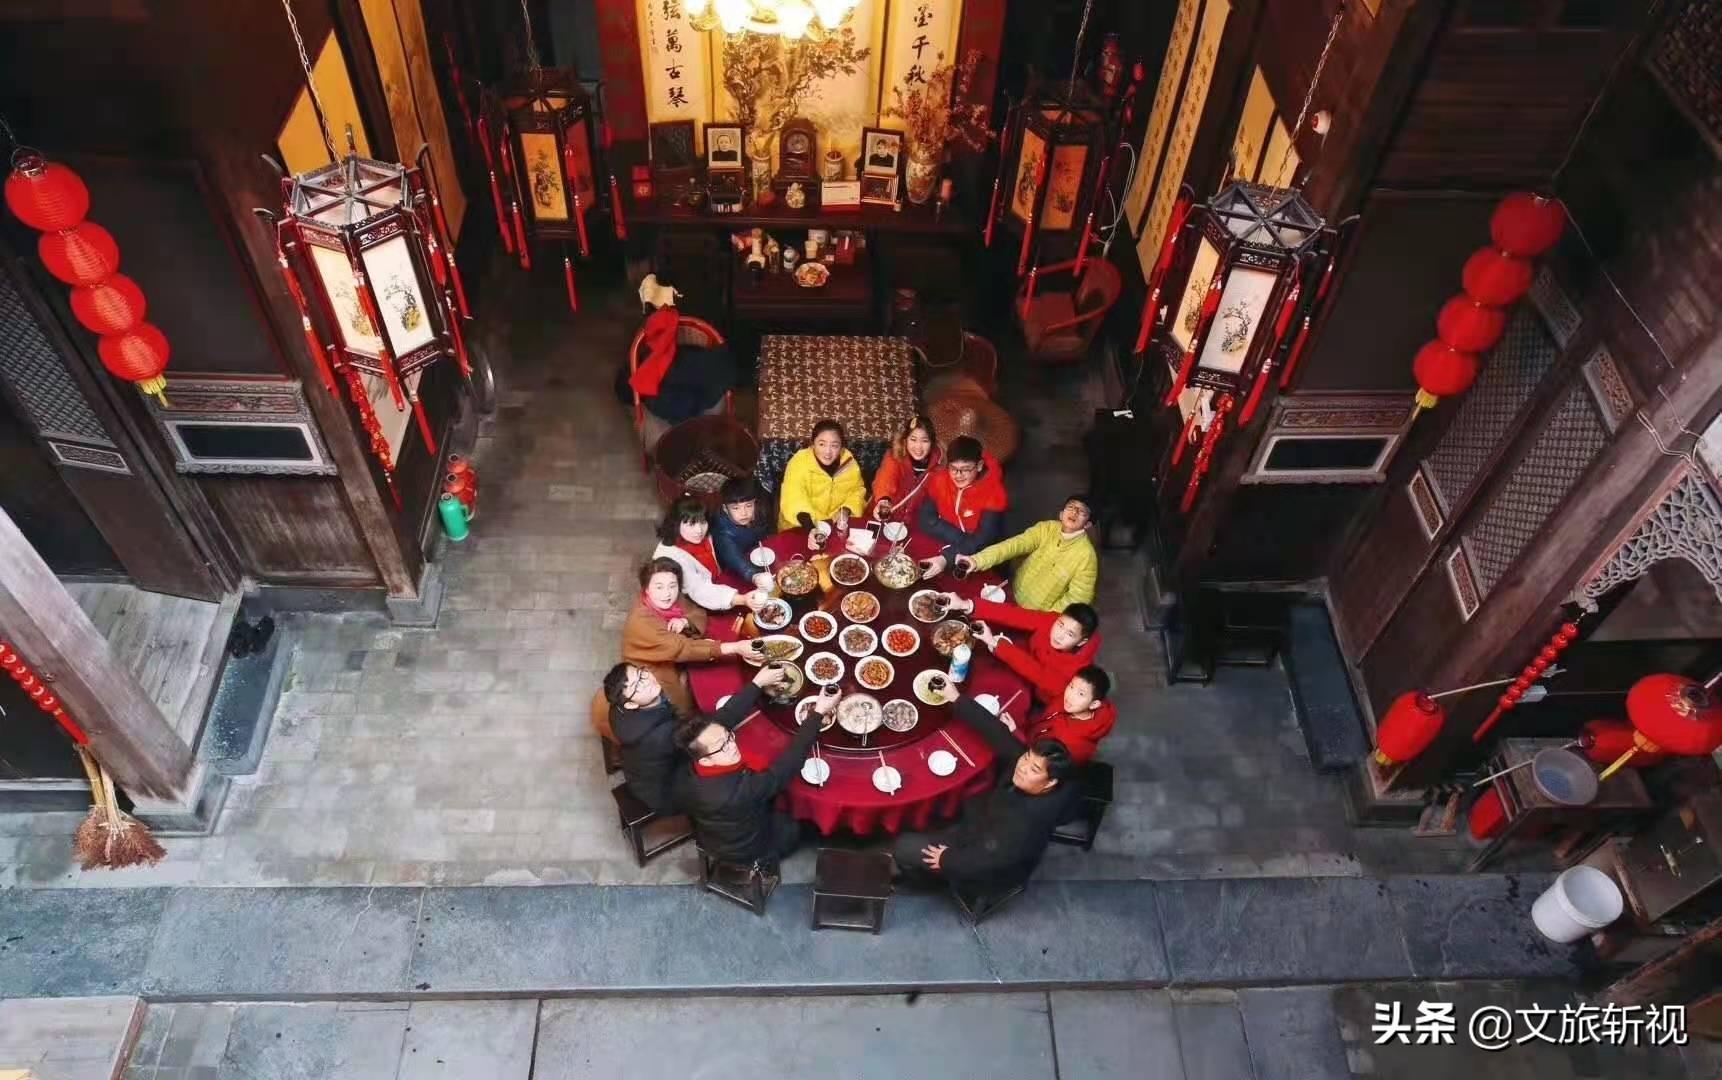 与宏村相距17Km,元明年间古村落,同样有着中国徽式风格建筑